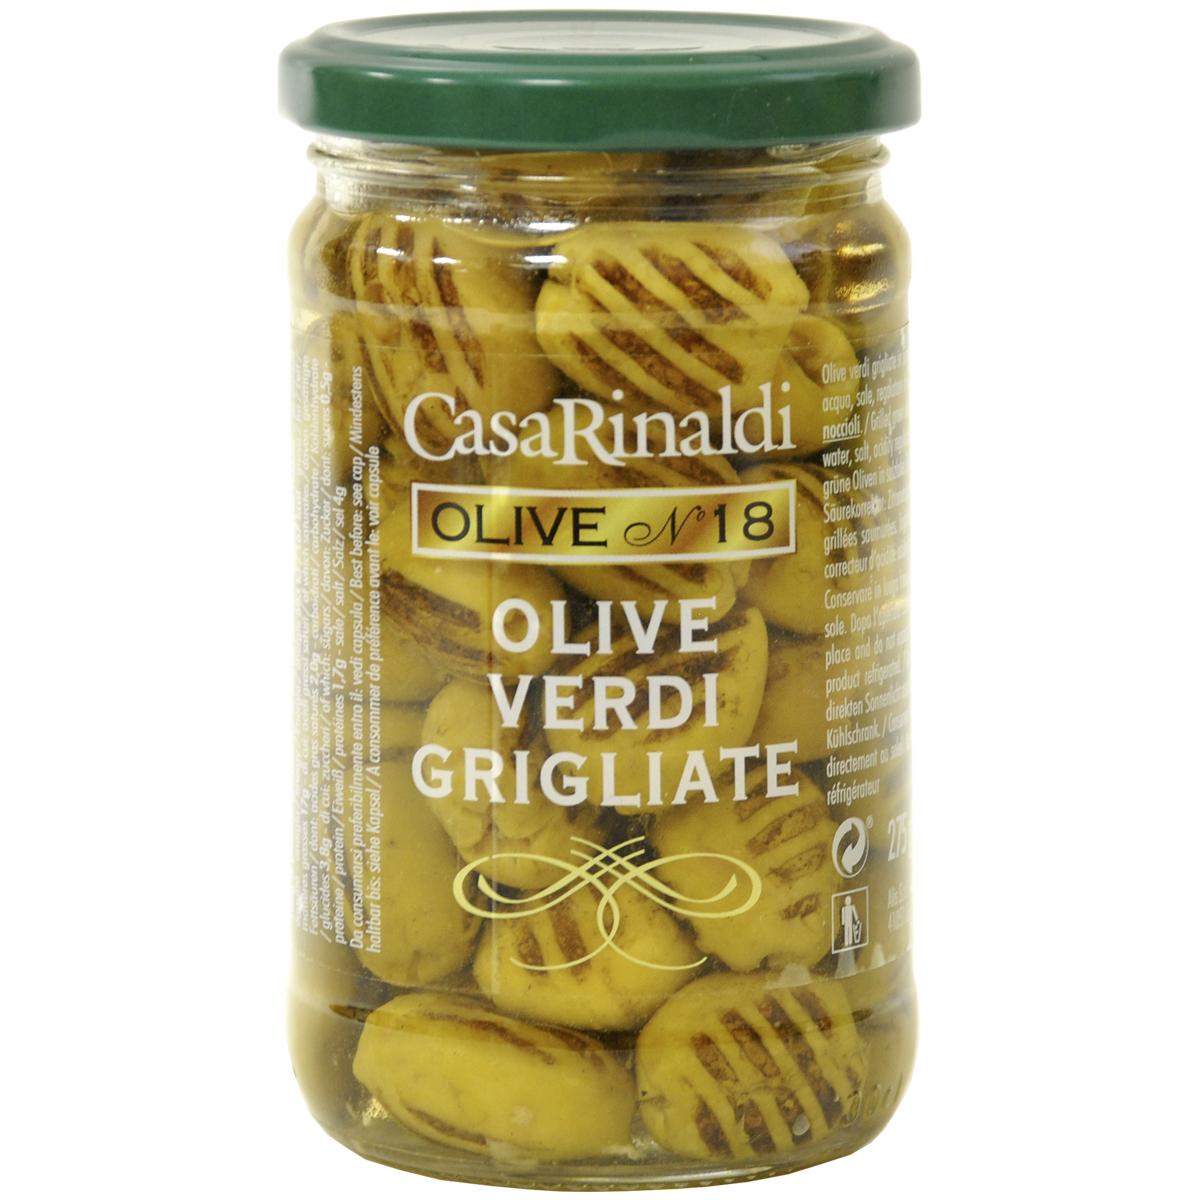 Оливки Casa Rinaldi зеленые без косточки жареные на гриле